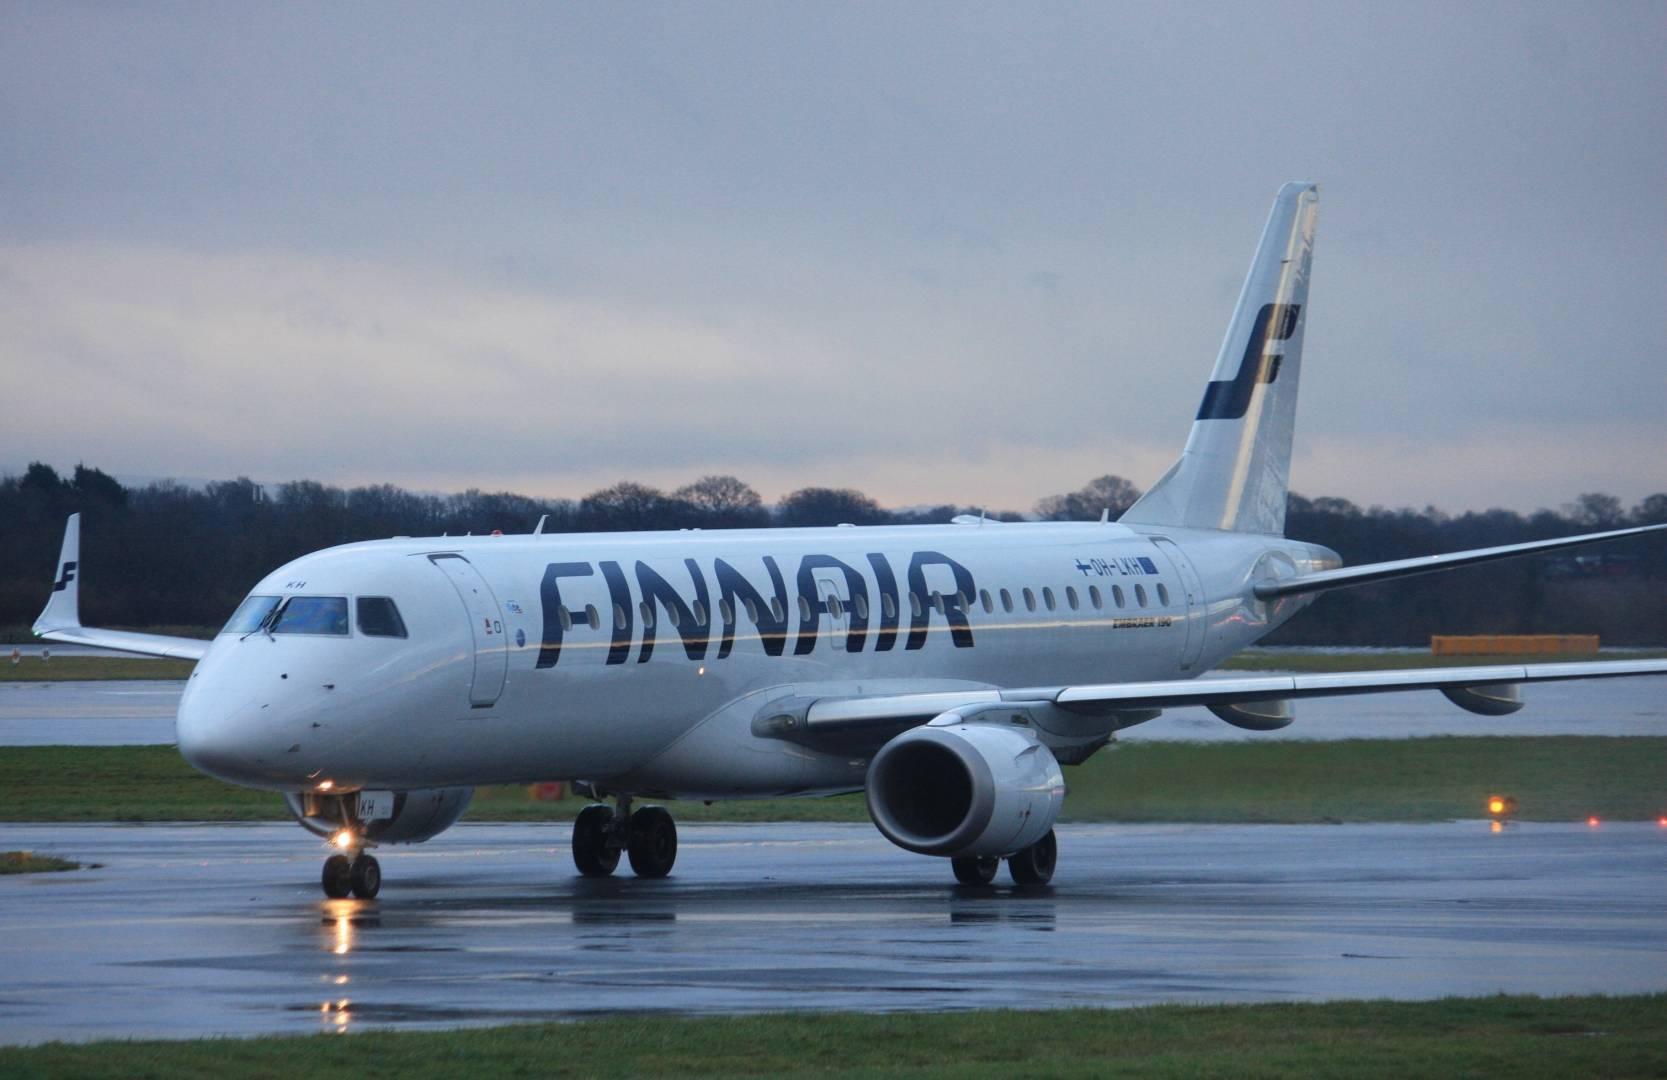 Авиакомпания финнэйр (finnair): самолеты, багаж и ручная кладь